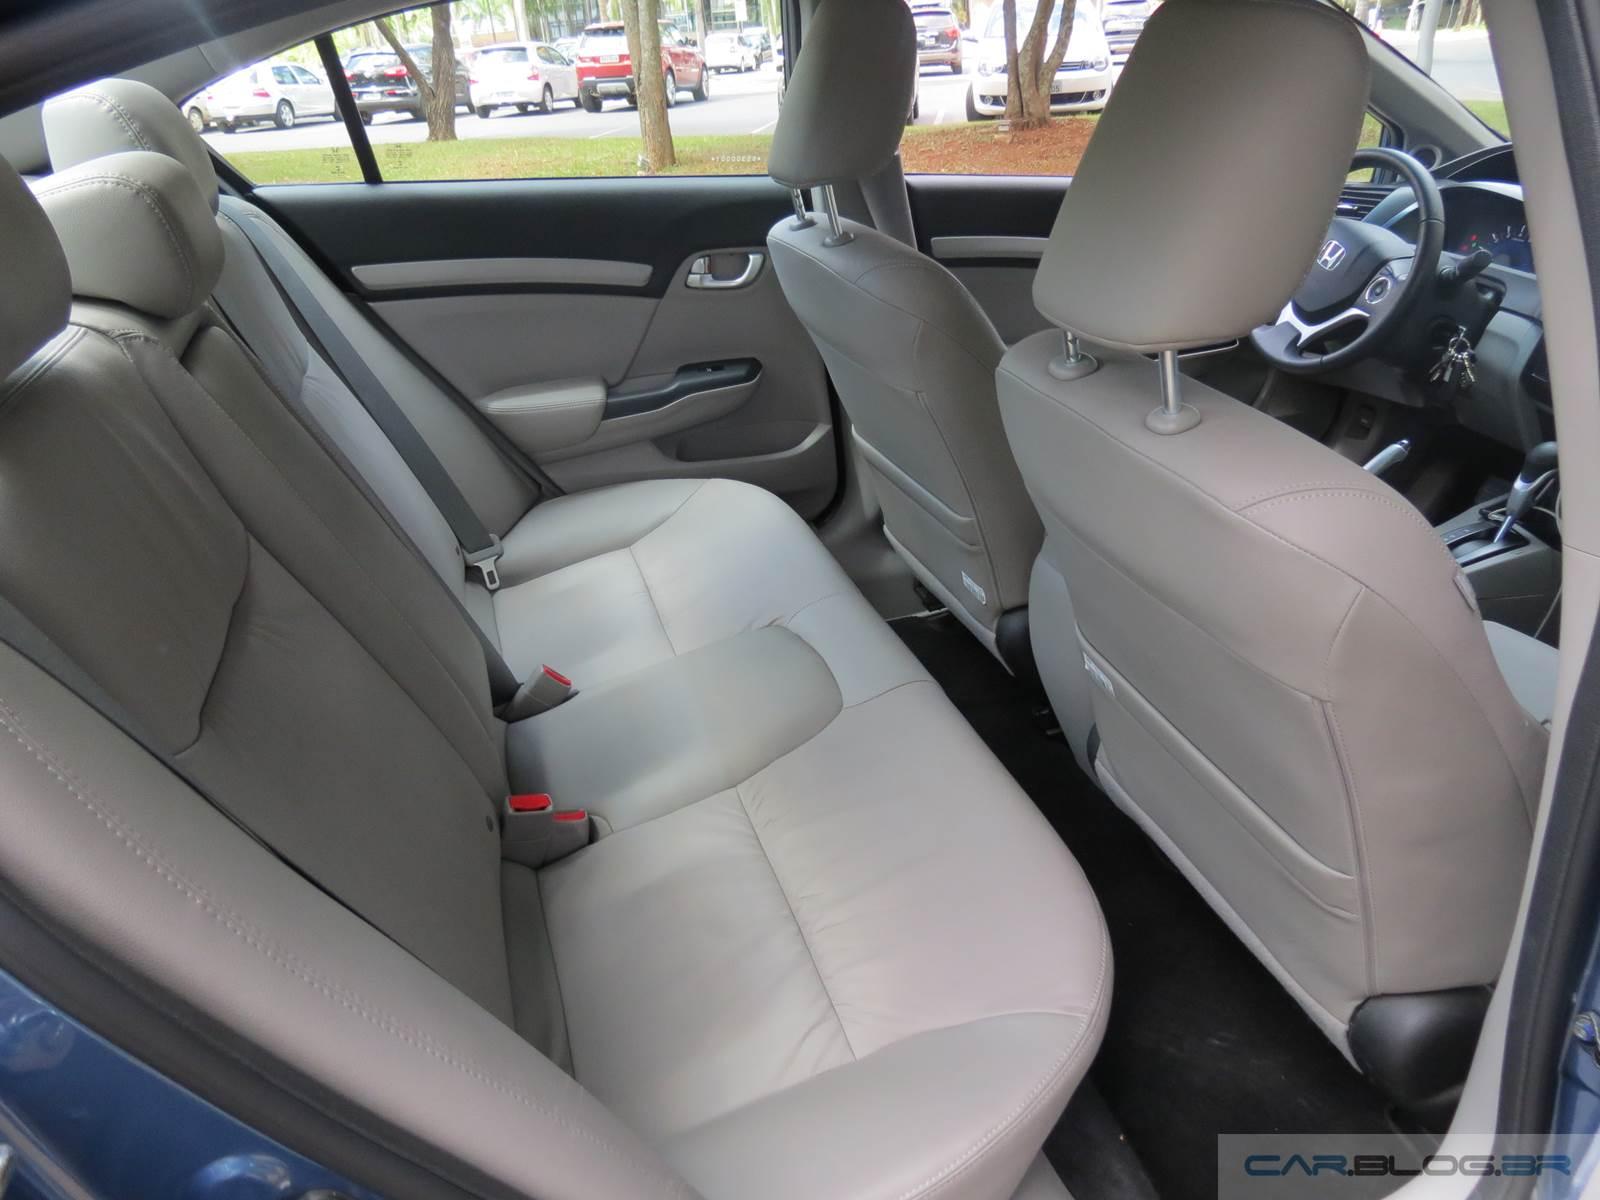 Honda Civic EXR 2.0 - interior - espaço traseiro